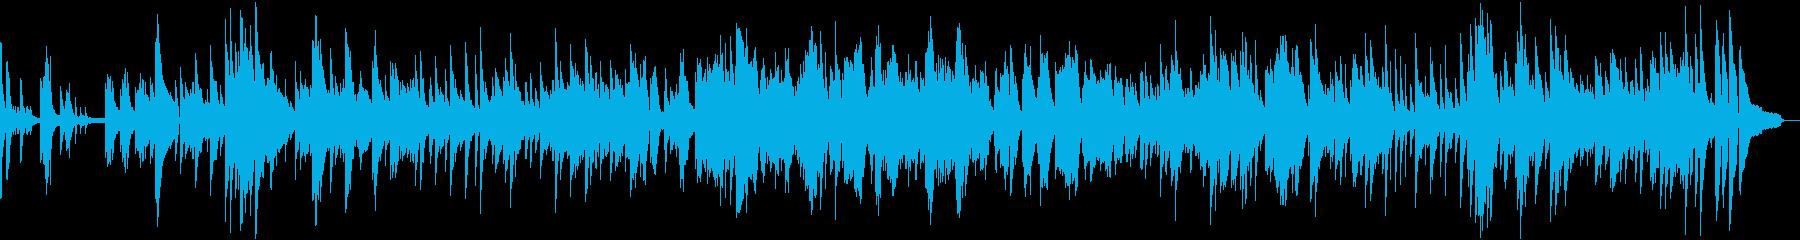 浜辺の歌 オシャレソロジャズピアノ生演奏の再生済みの波形